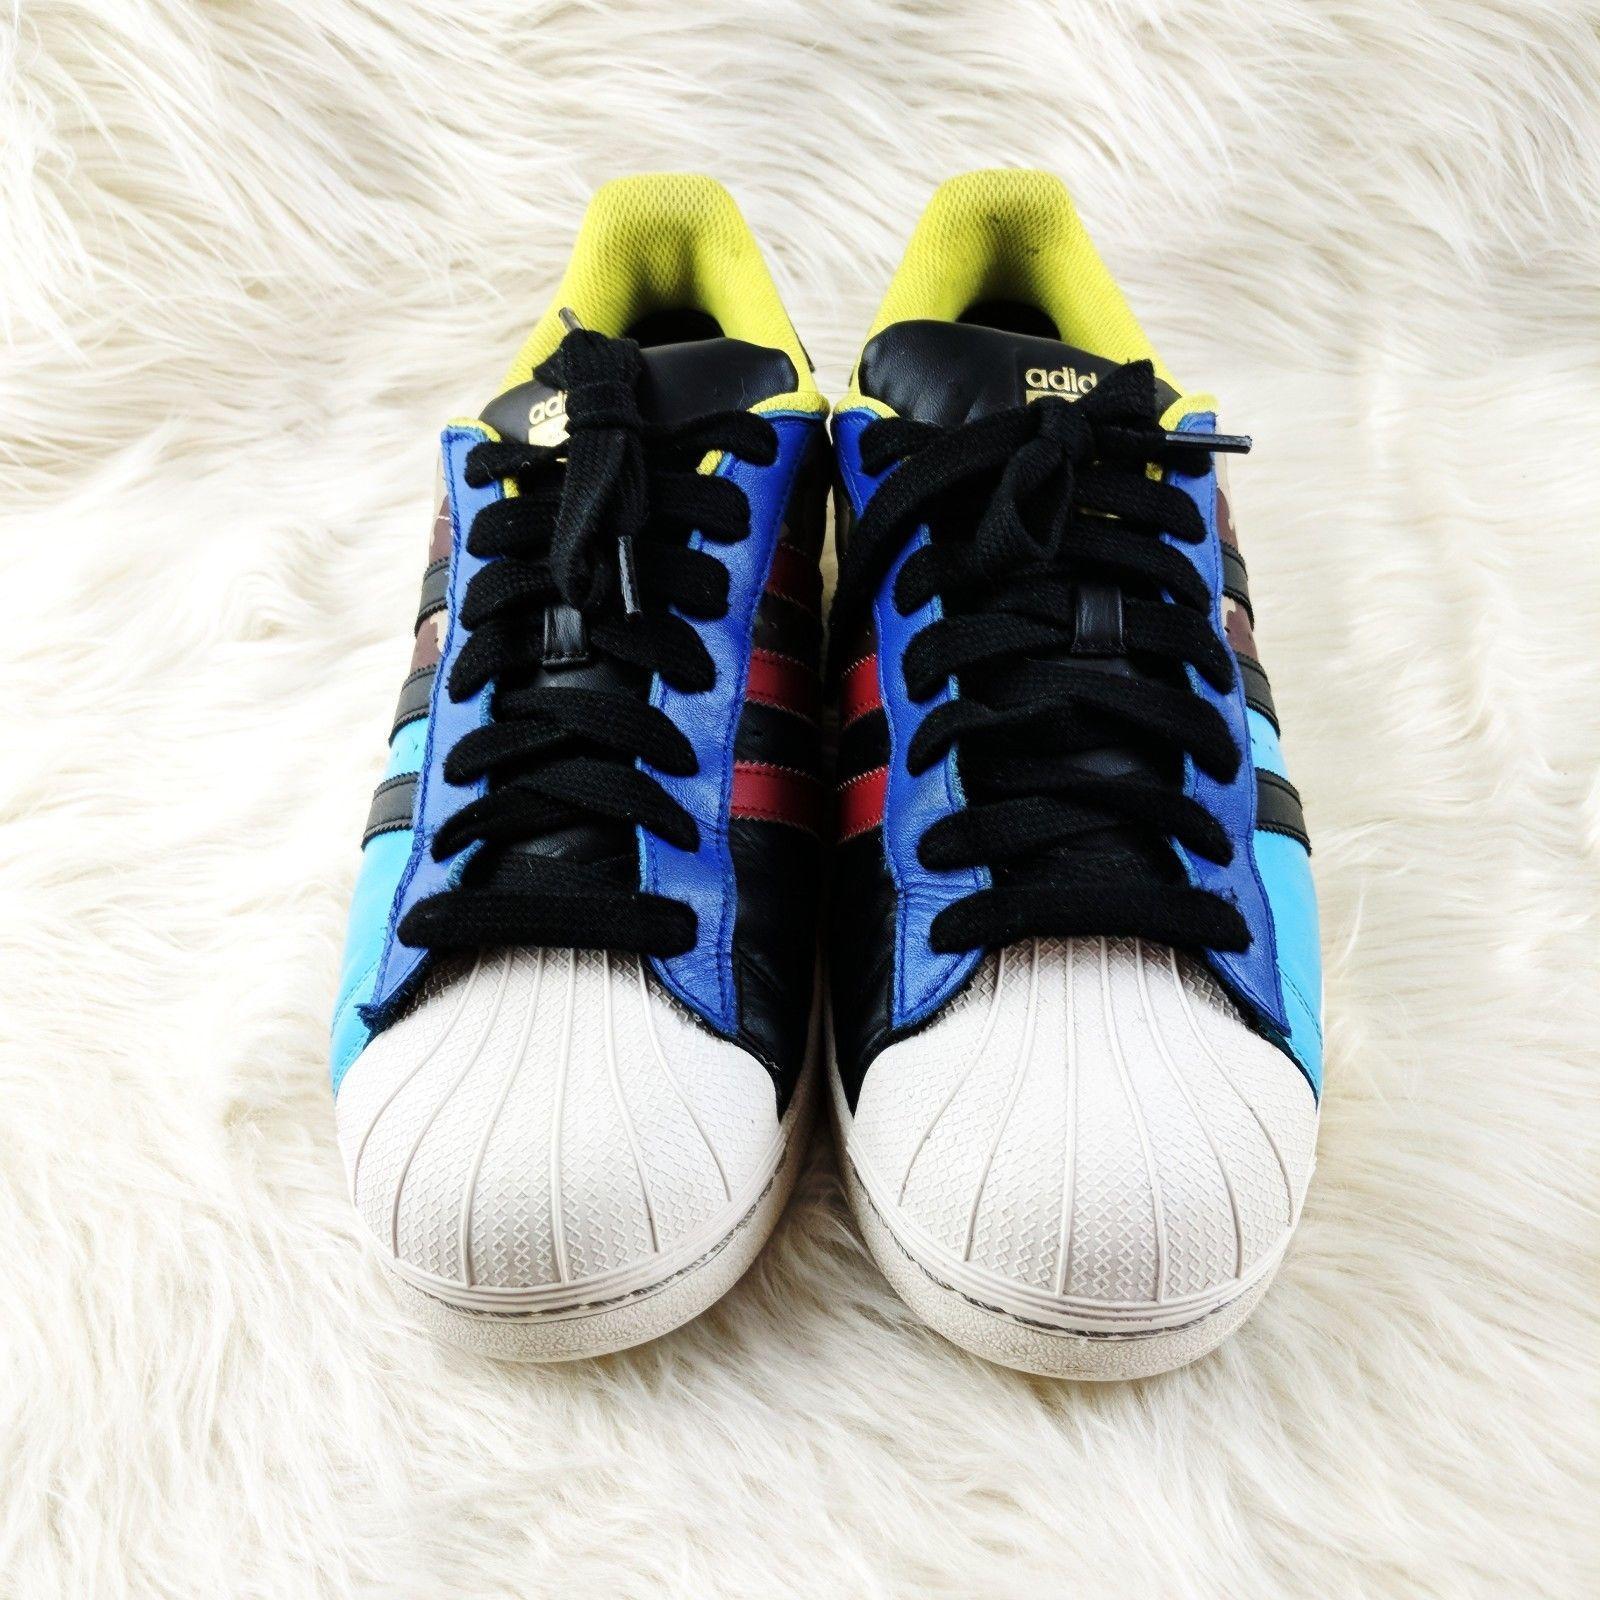 Adidas Superstar rareza Pack negro rojo azul y 39 artículos similares